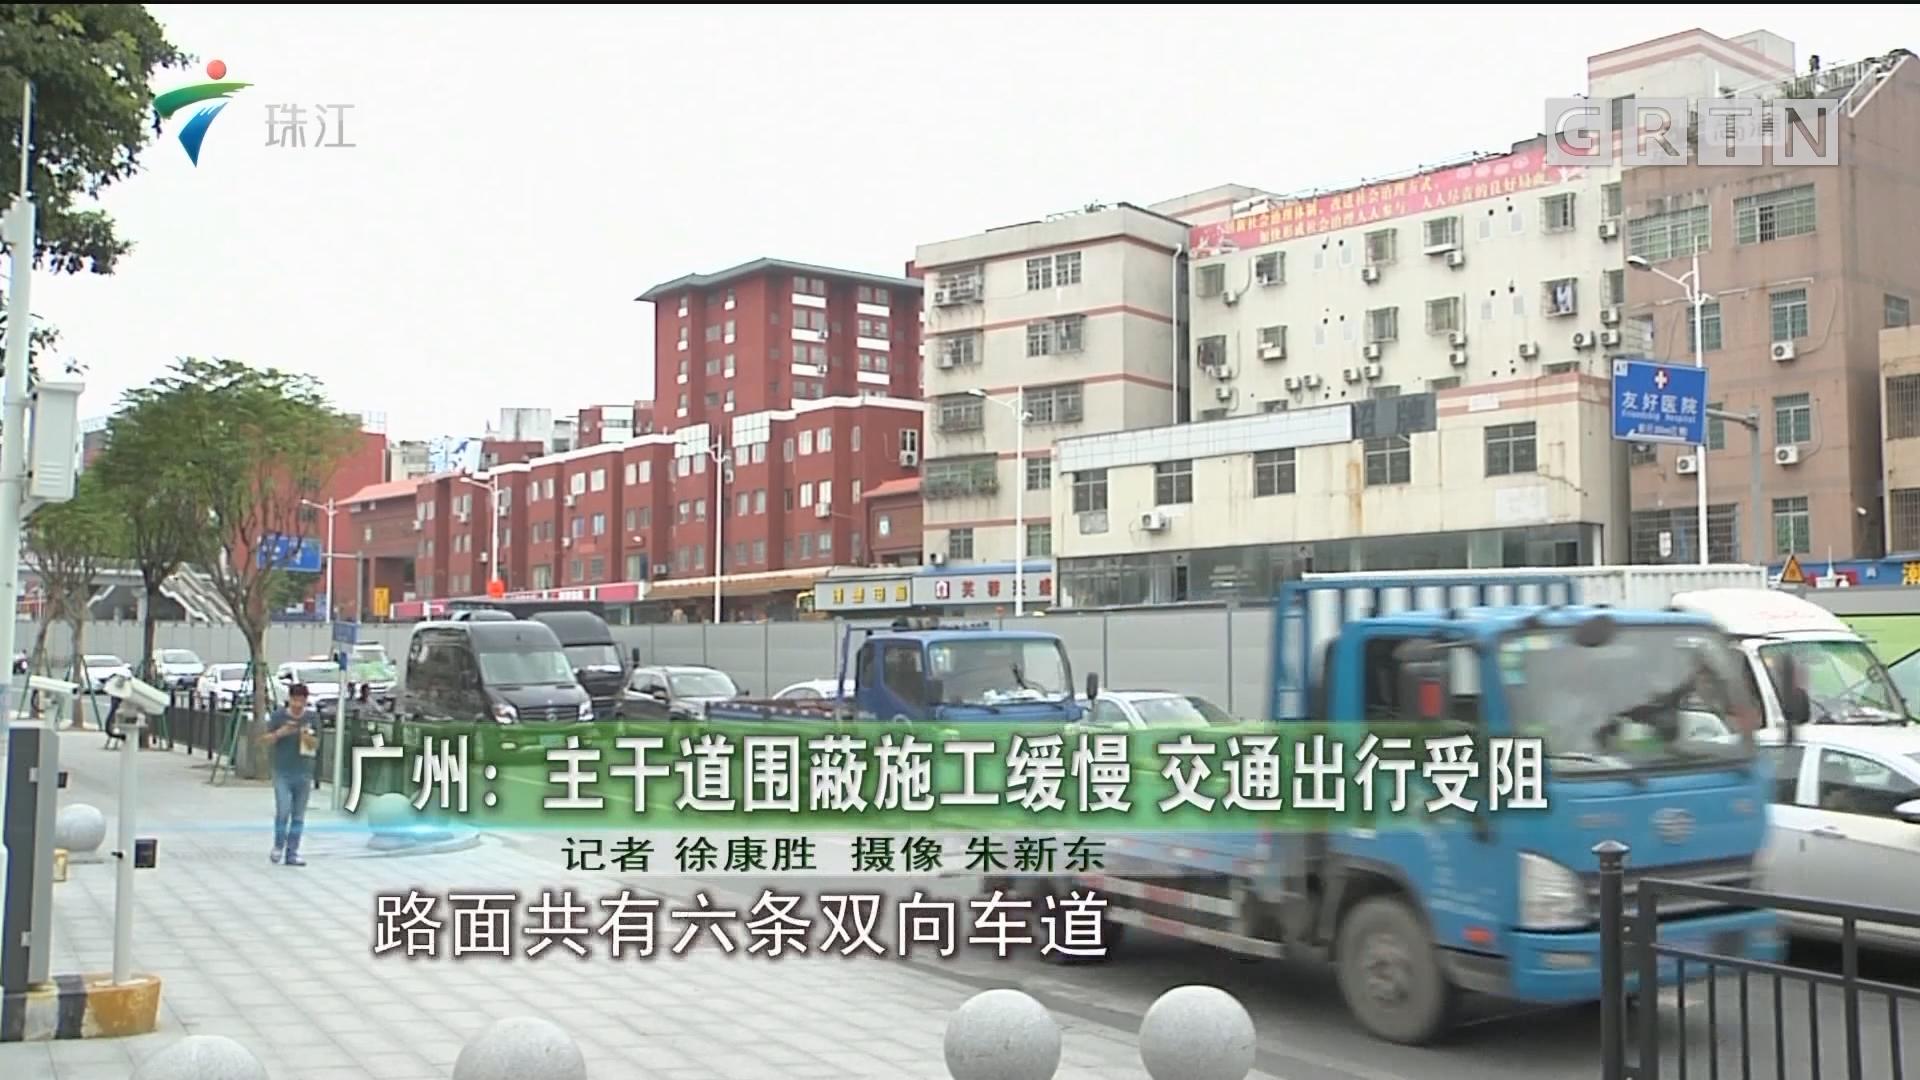 广州:主干道围蔽施工缓慢 交通出行受阻